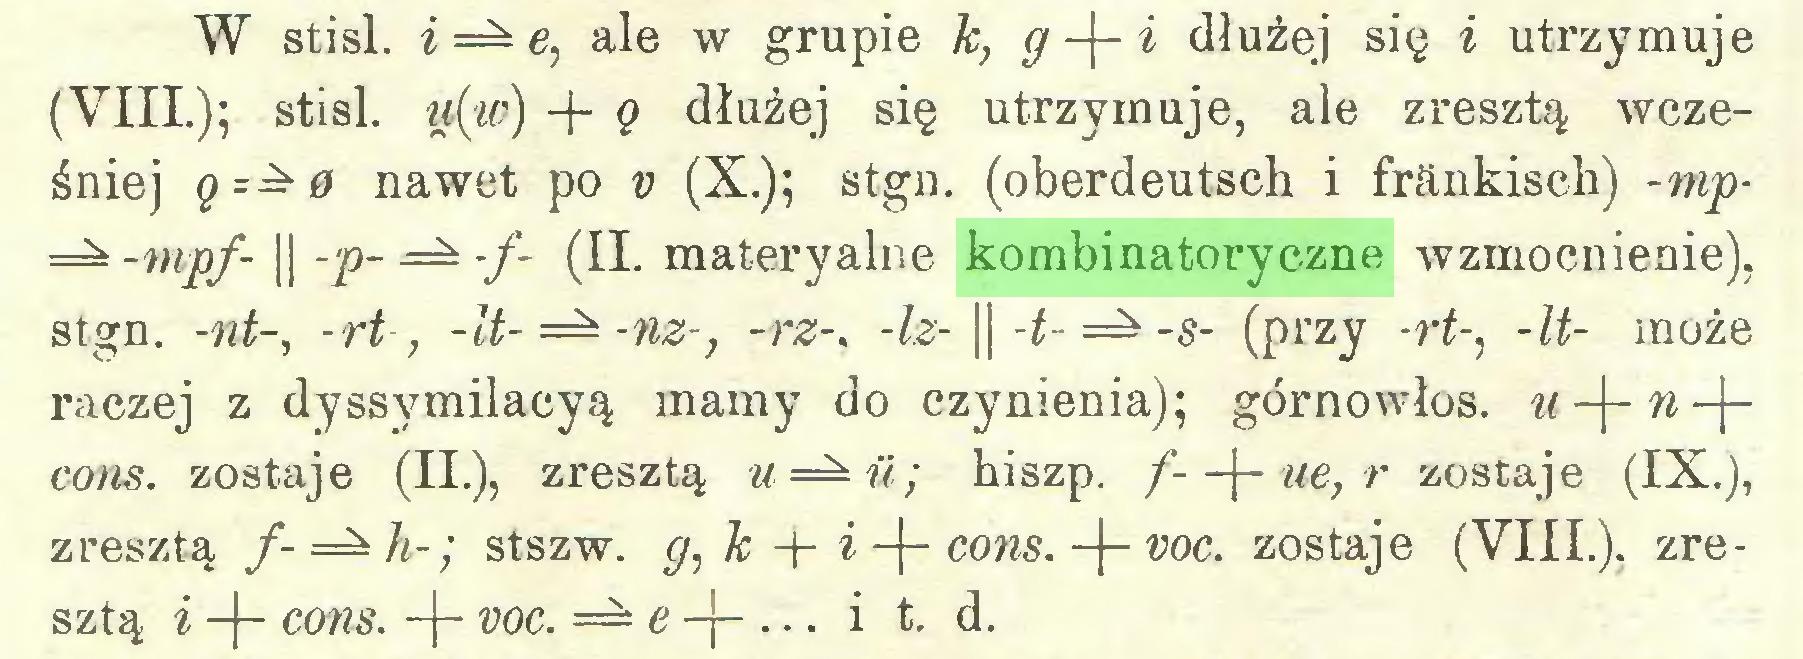 (...) W stisl. i=±e, ale w grupie k, g -|~ i dłużej się i utrzymuje (VIII.); stisl. ti(w) + ę dłużej się utrzymuje, ale zresztą wcześniej q=- 0 nawet po v (X.); stgn. (oberdeutsch i fränkisch) -mp-mpf- || -p- — -/- (II. materyalne kombinatoryczne wzmocnienie), stgn. -nt-, -rt, -lt-=±-nz-, -rz-. -Iz- || -t- -s- (przy -rt-, -U- może raczej z dyssymilacyą mamy do czynienia); górnowłos. u-\-n-\cons. zostaje (II.), zresztą hiszp. f--\- ue,r zostaje (IX.), zresztą f-=±h-; stszw. g, k -j- i -j- cons. -J- voc. zostaje (VIII.), zresztą i -(- cons. -|- voc. — e-\- ... i t. d...